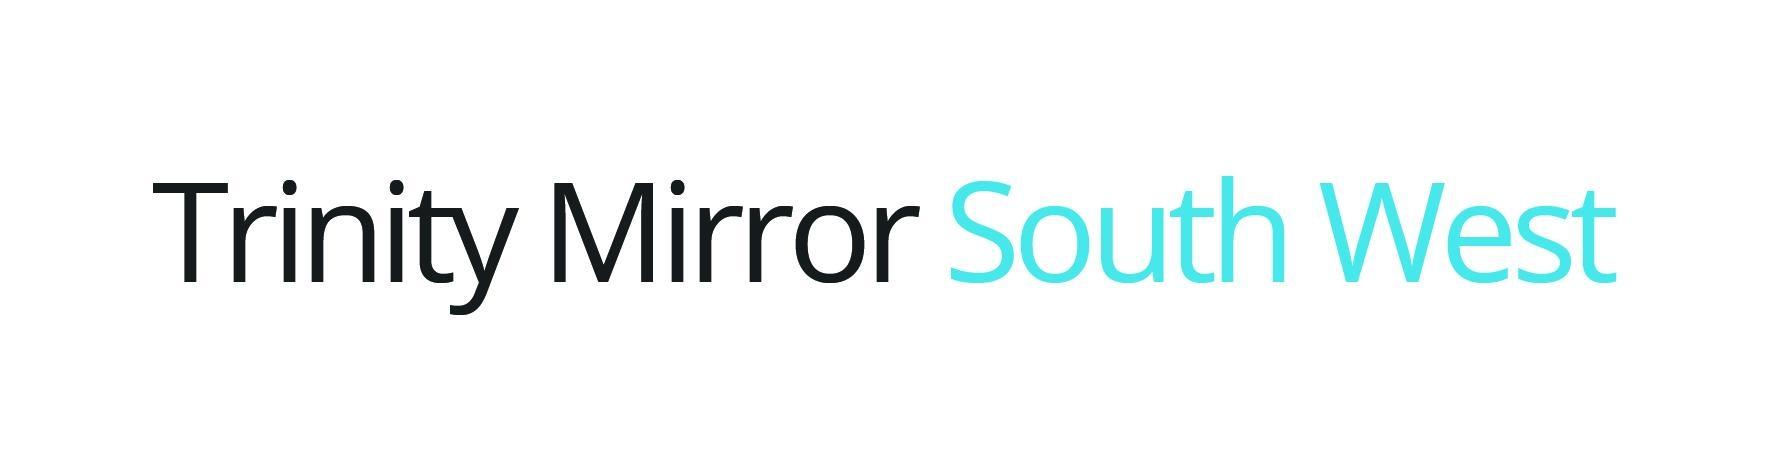 Trinity Mirror South West - Black & Blue.jpg